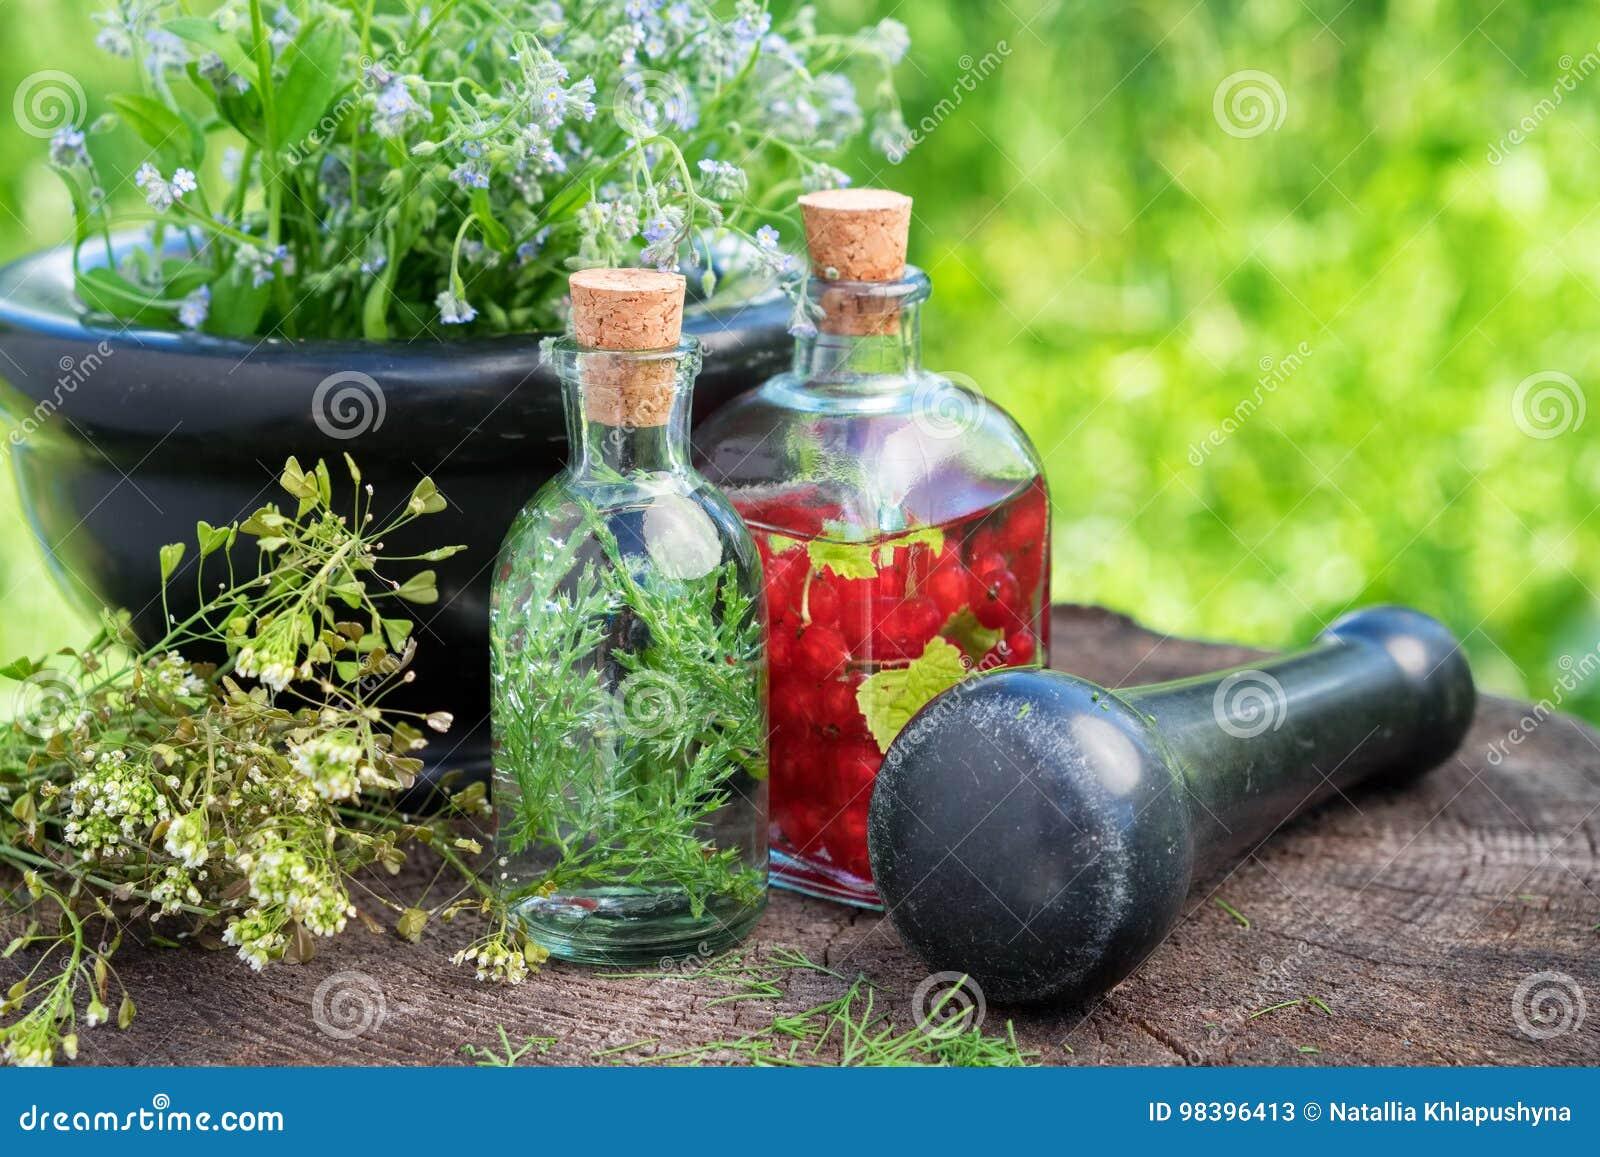 Moździerz leczniczy ziele, ziołowy tincture, zdrowa infuzja i lecznicze rośliny,